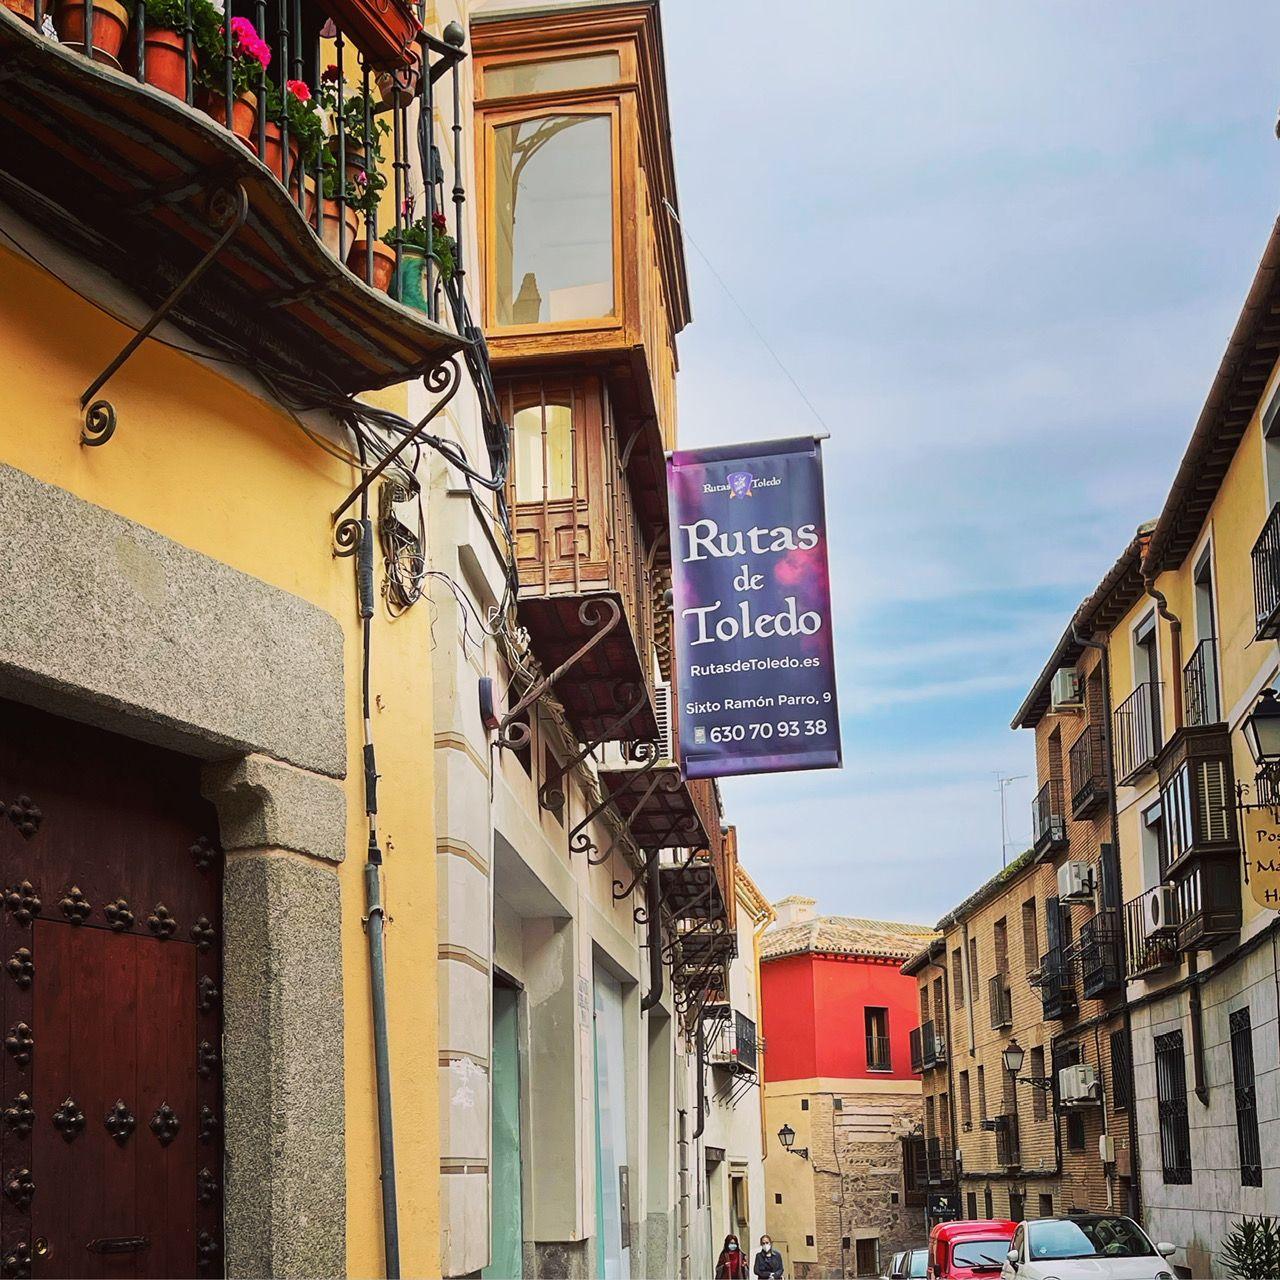 Calle Sixto Ramón Parro, Rutas de Toledo